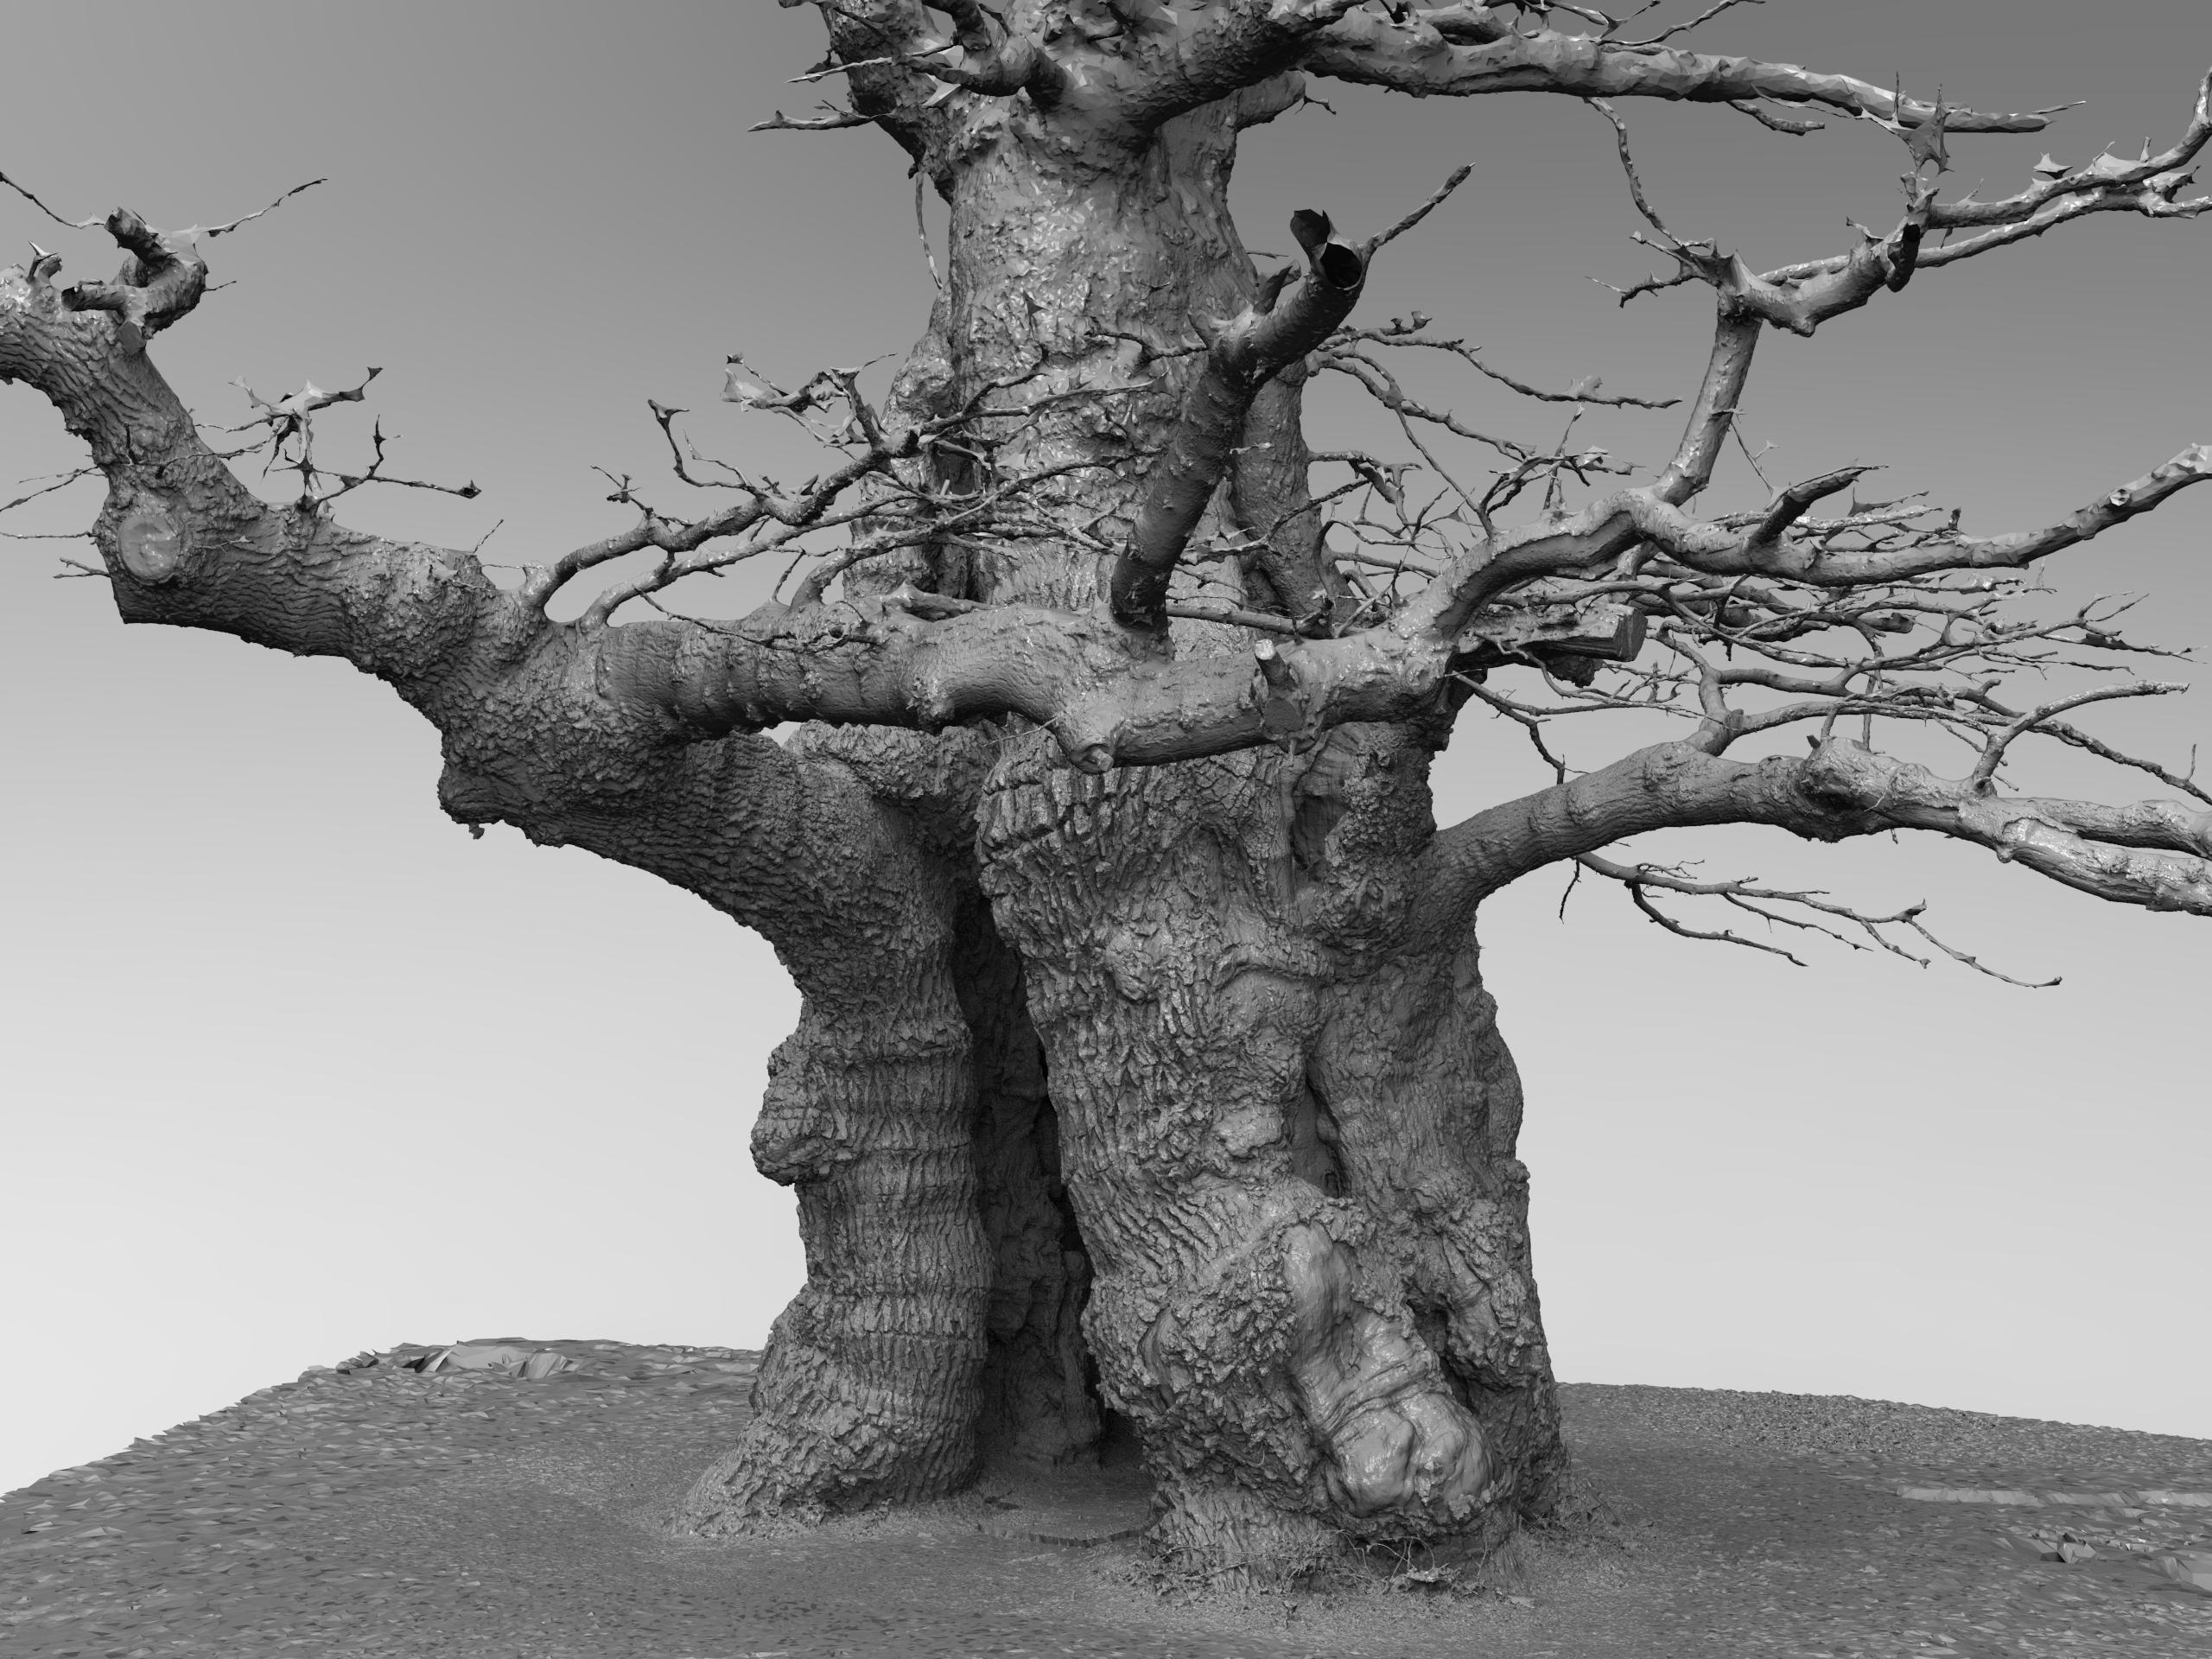 Skovfogedegen oak tree - Download Free 3D model by Rigsters